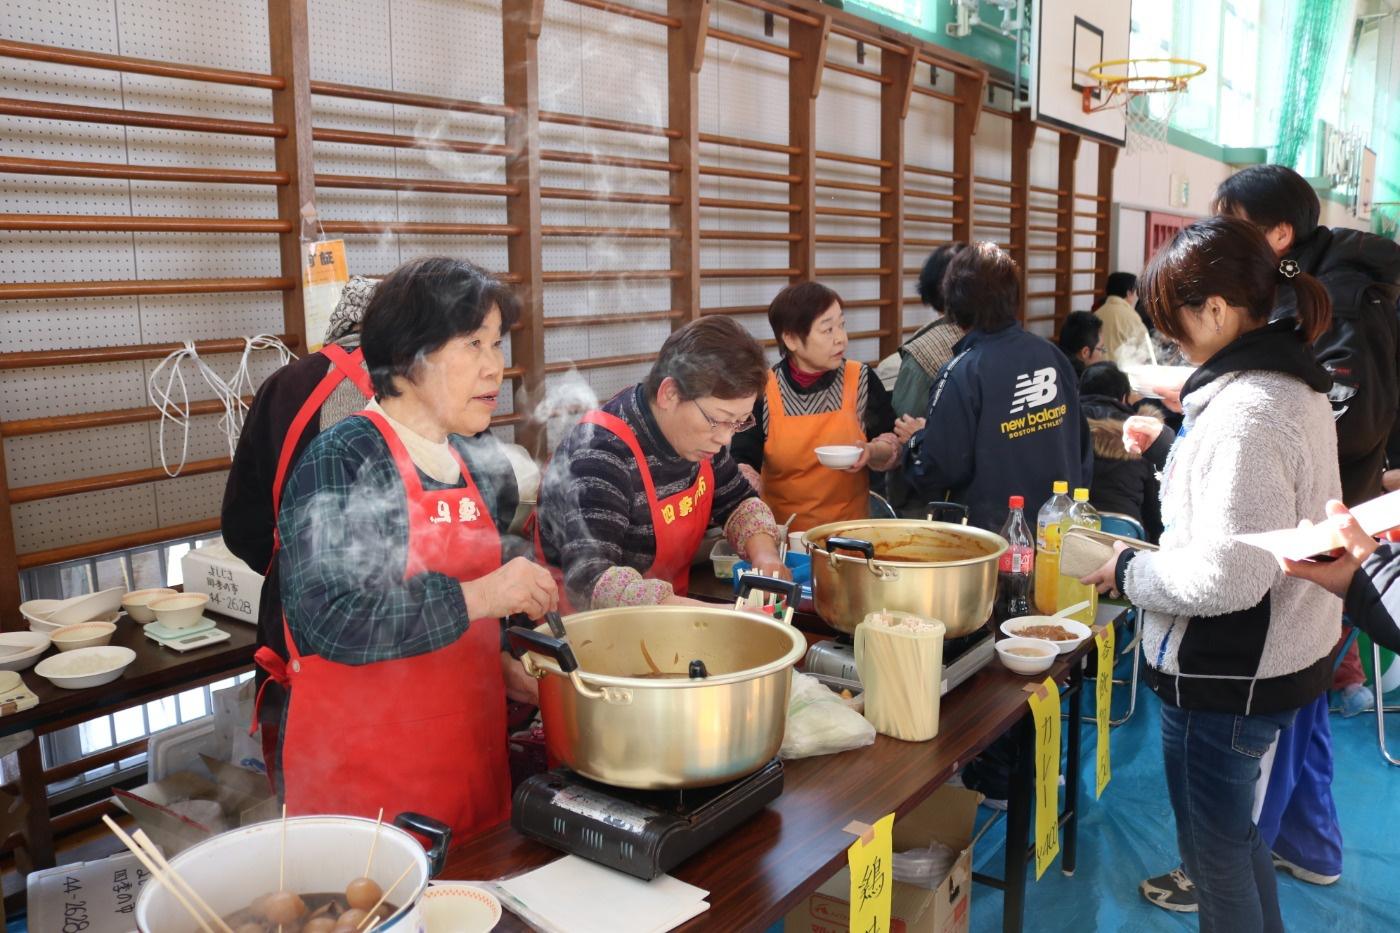 よしじま四季の市のみなさんの売店の様子|第29回吉島地区冬季スポーツレクリエーション大会